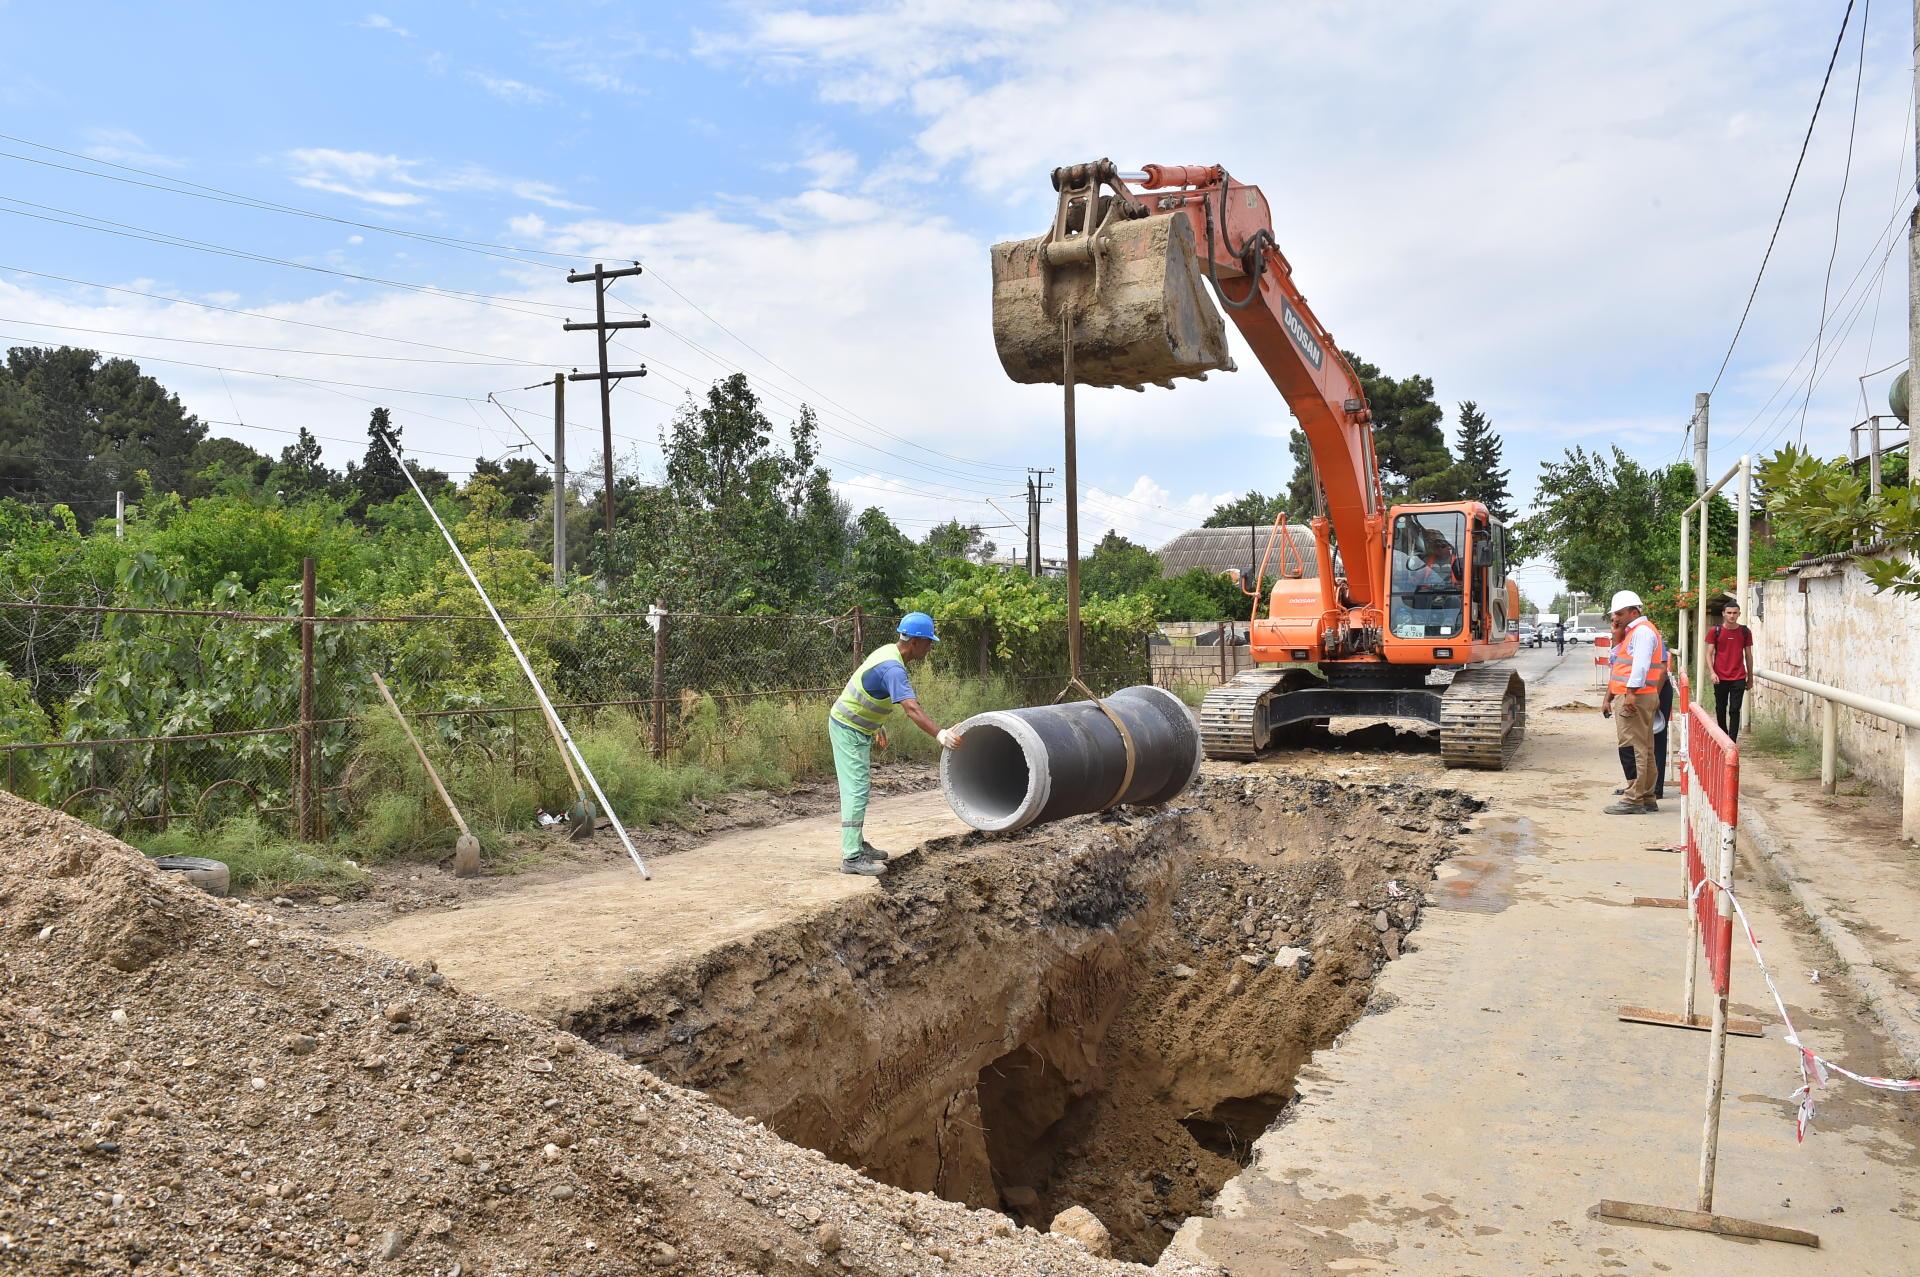 Şirvan şəhərinin su təchizatı və kanalizasiya sistemləri yenilənir (FOTO)